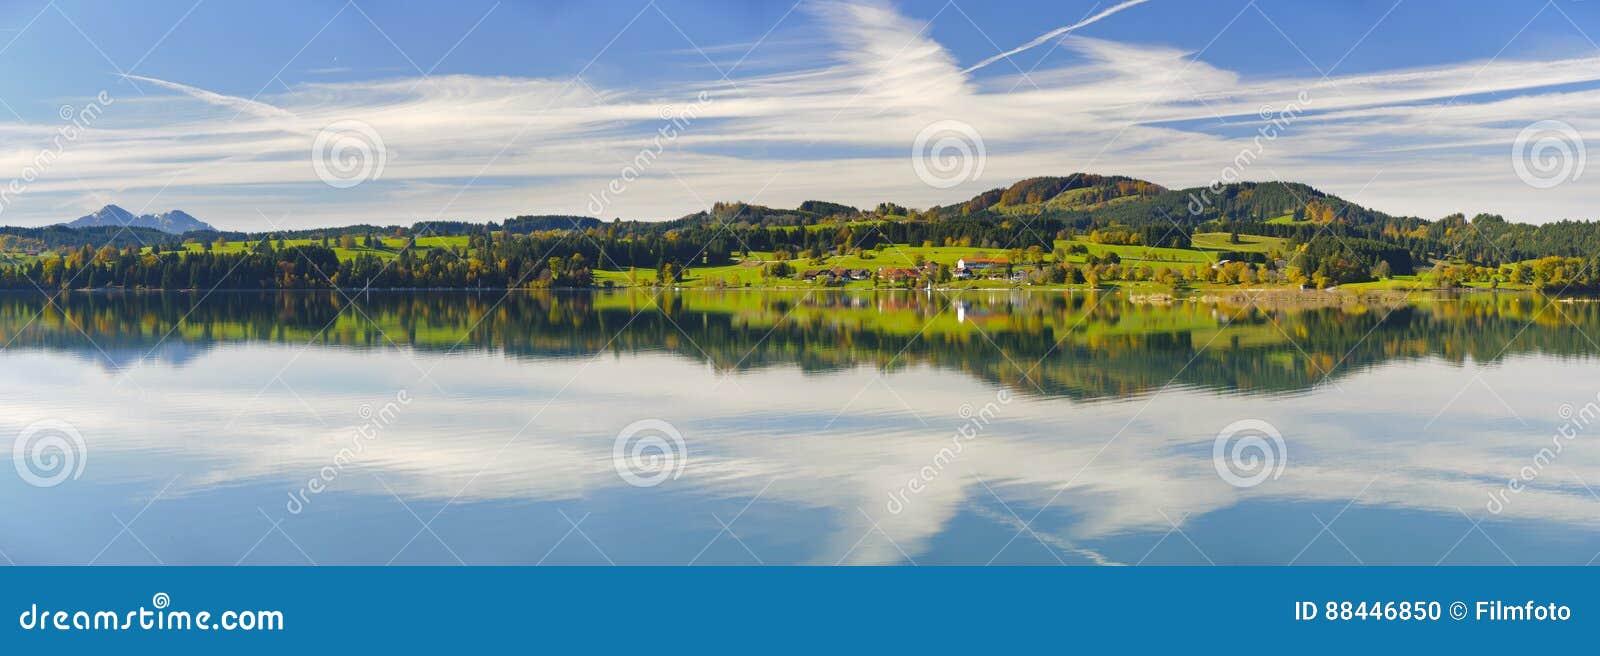 Escena del panorama en Baviera con las montañas que duplican en el lago